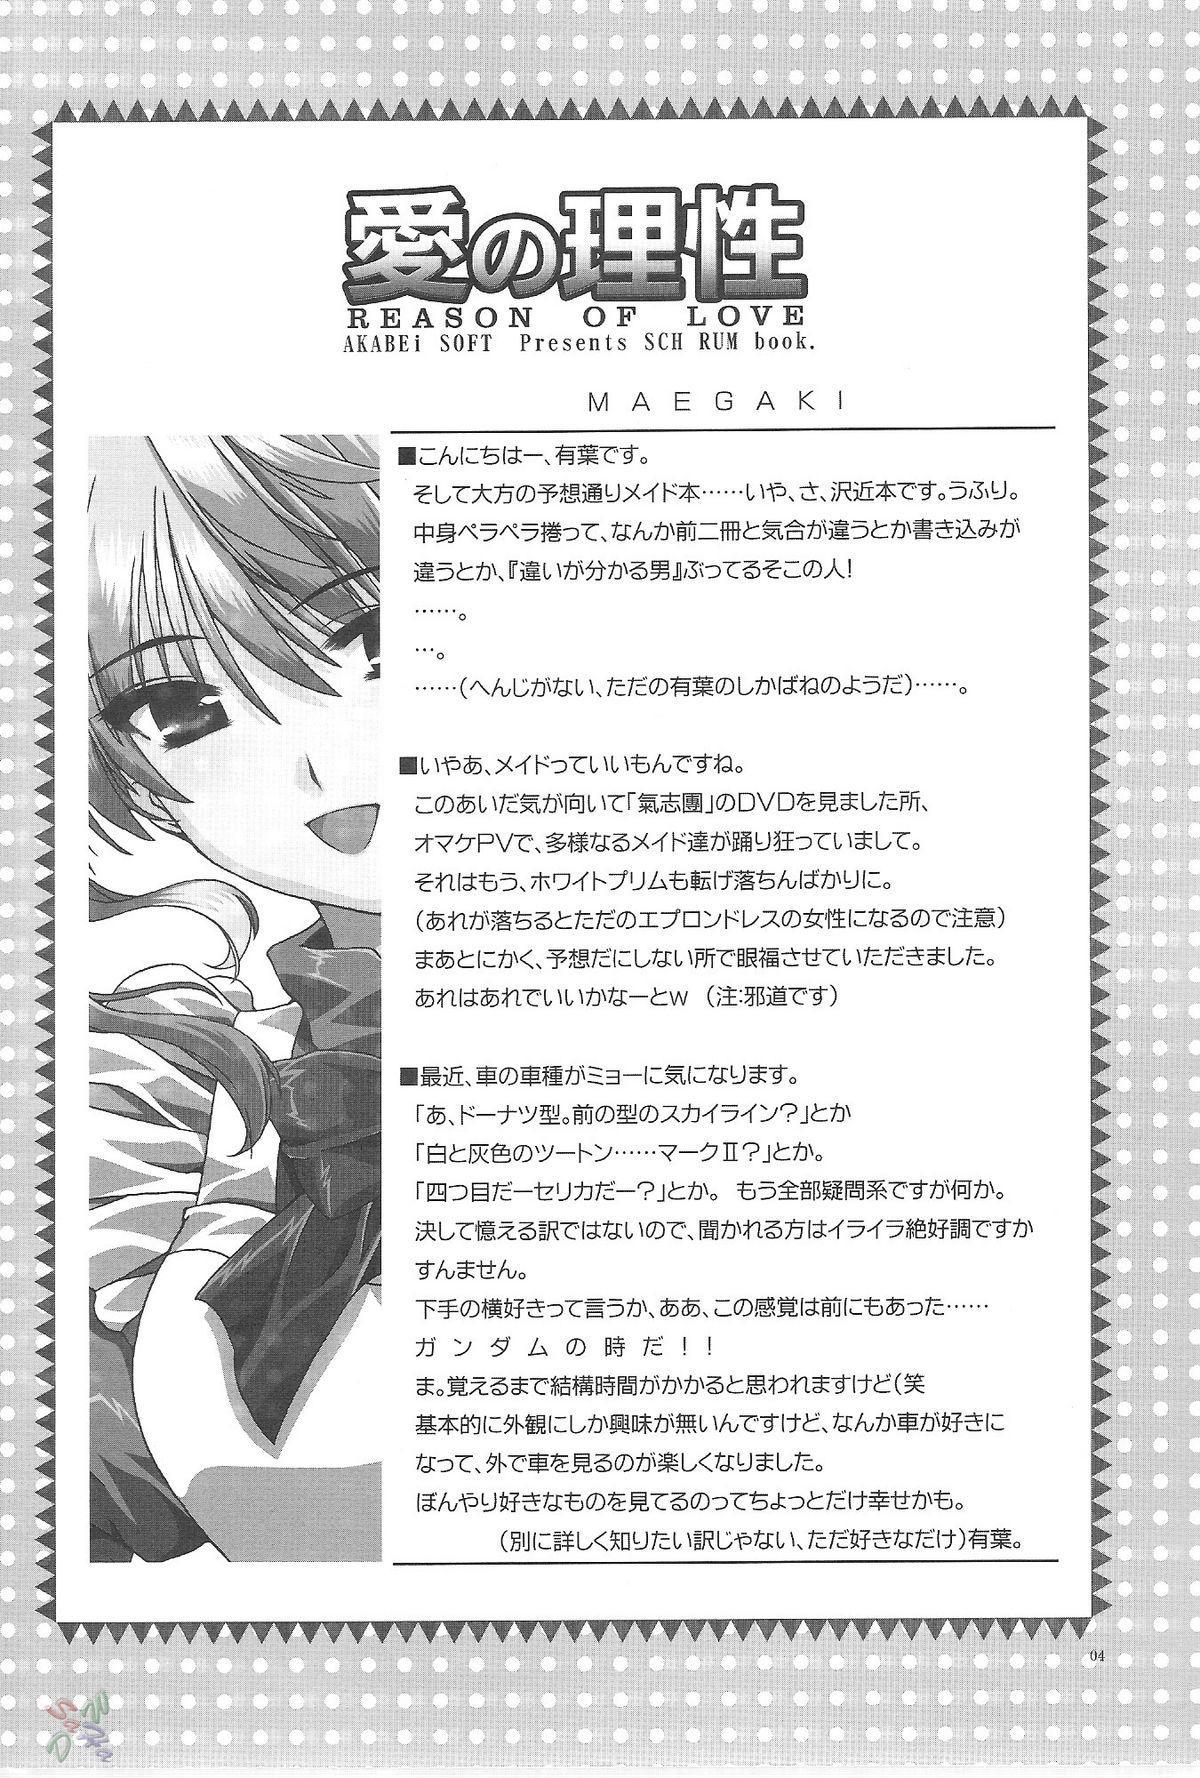 Ai no Risei - Reason of Love 2